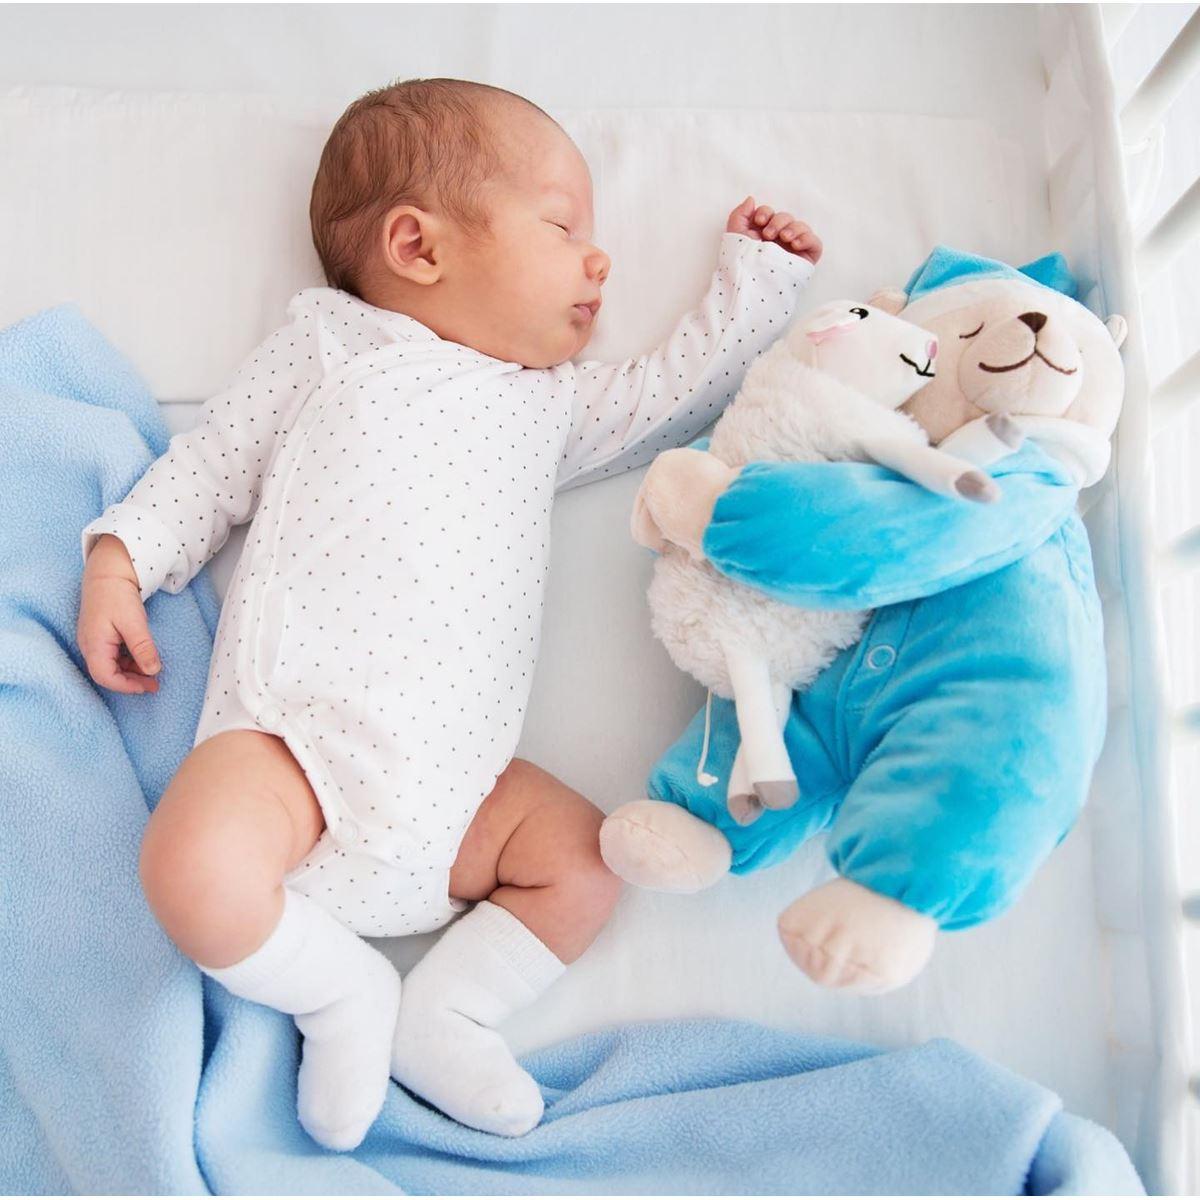 Siyah Beyaz Çizim Gerçek Boyut Bebek Doğum Posteri